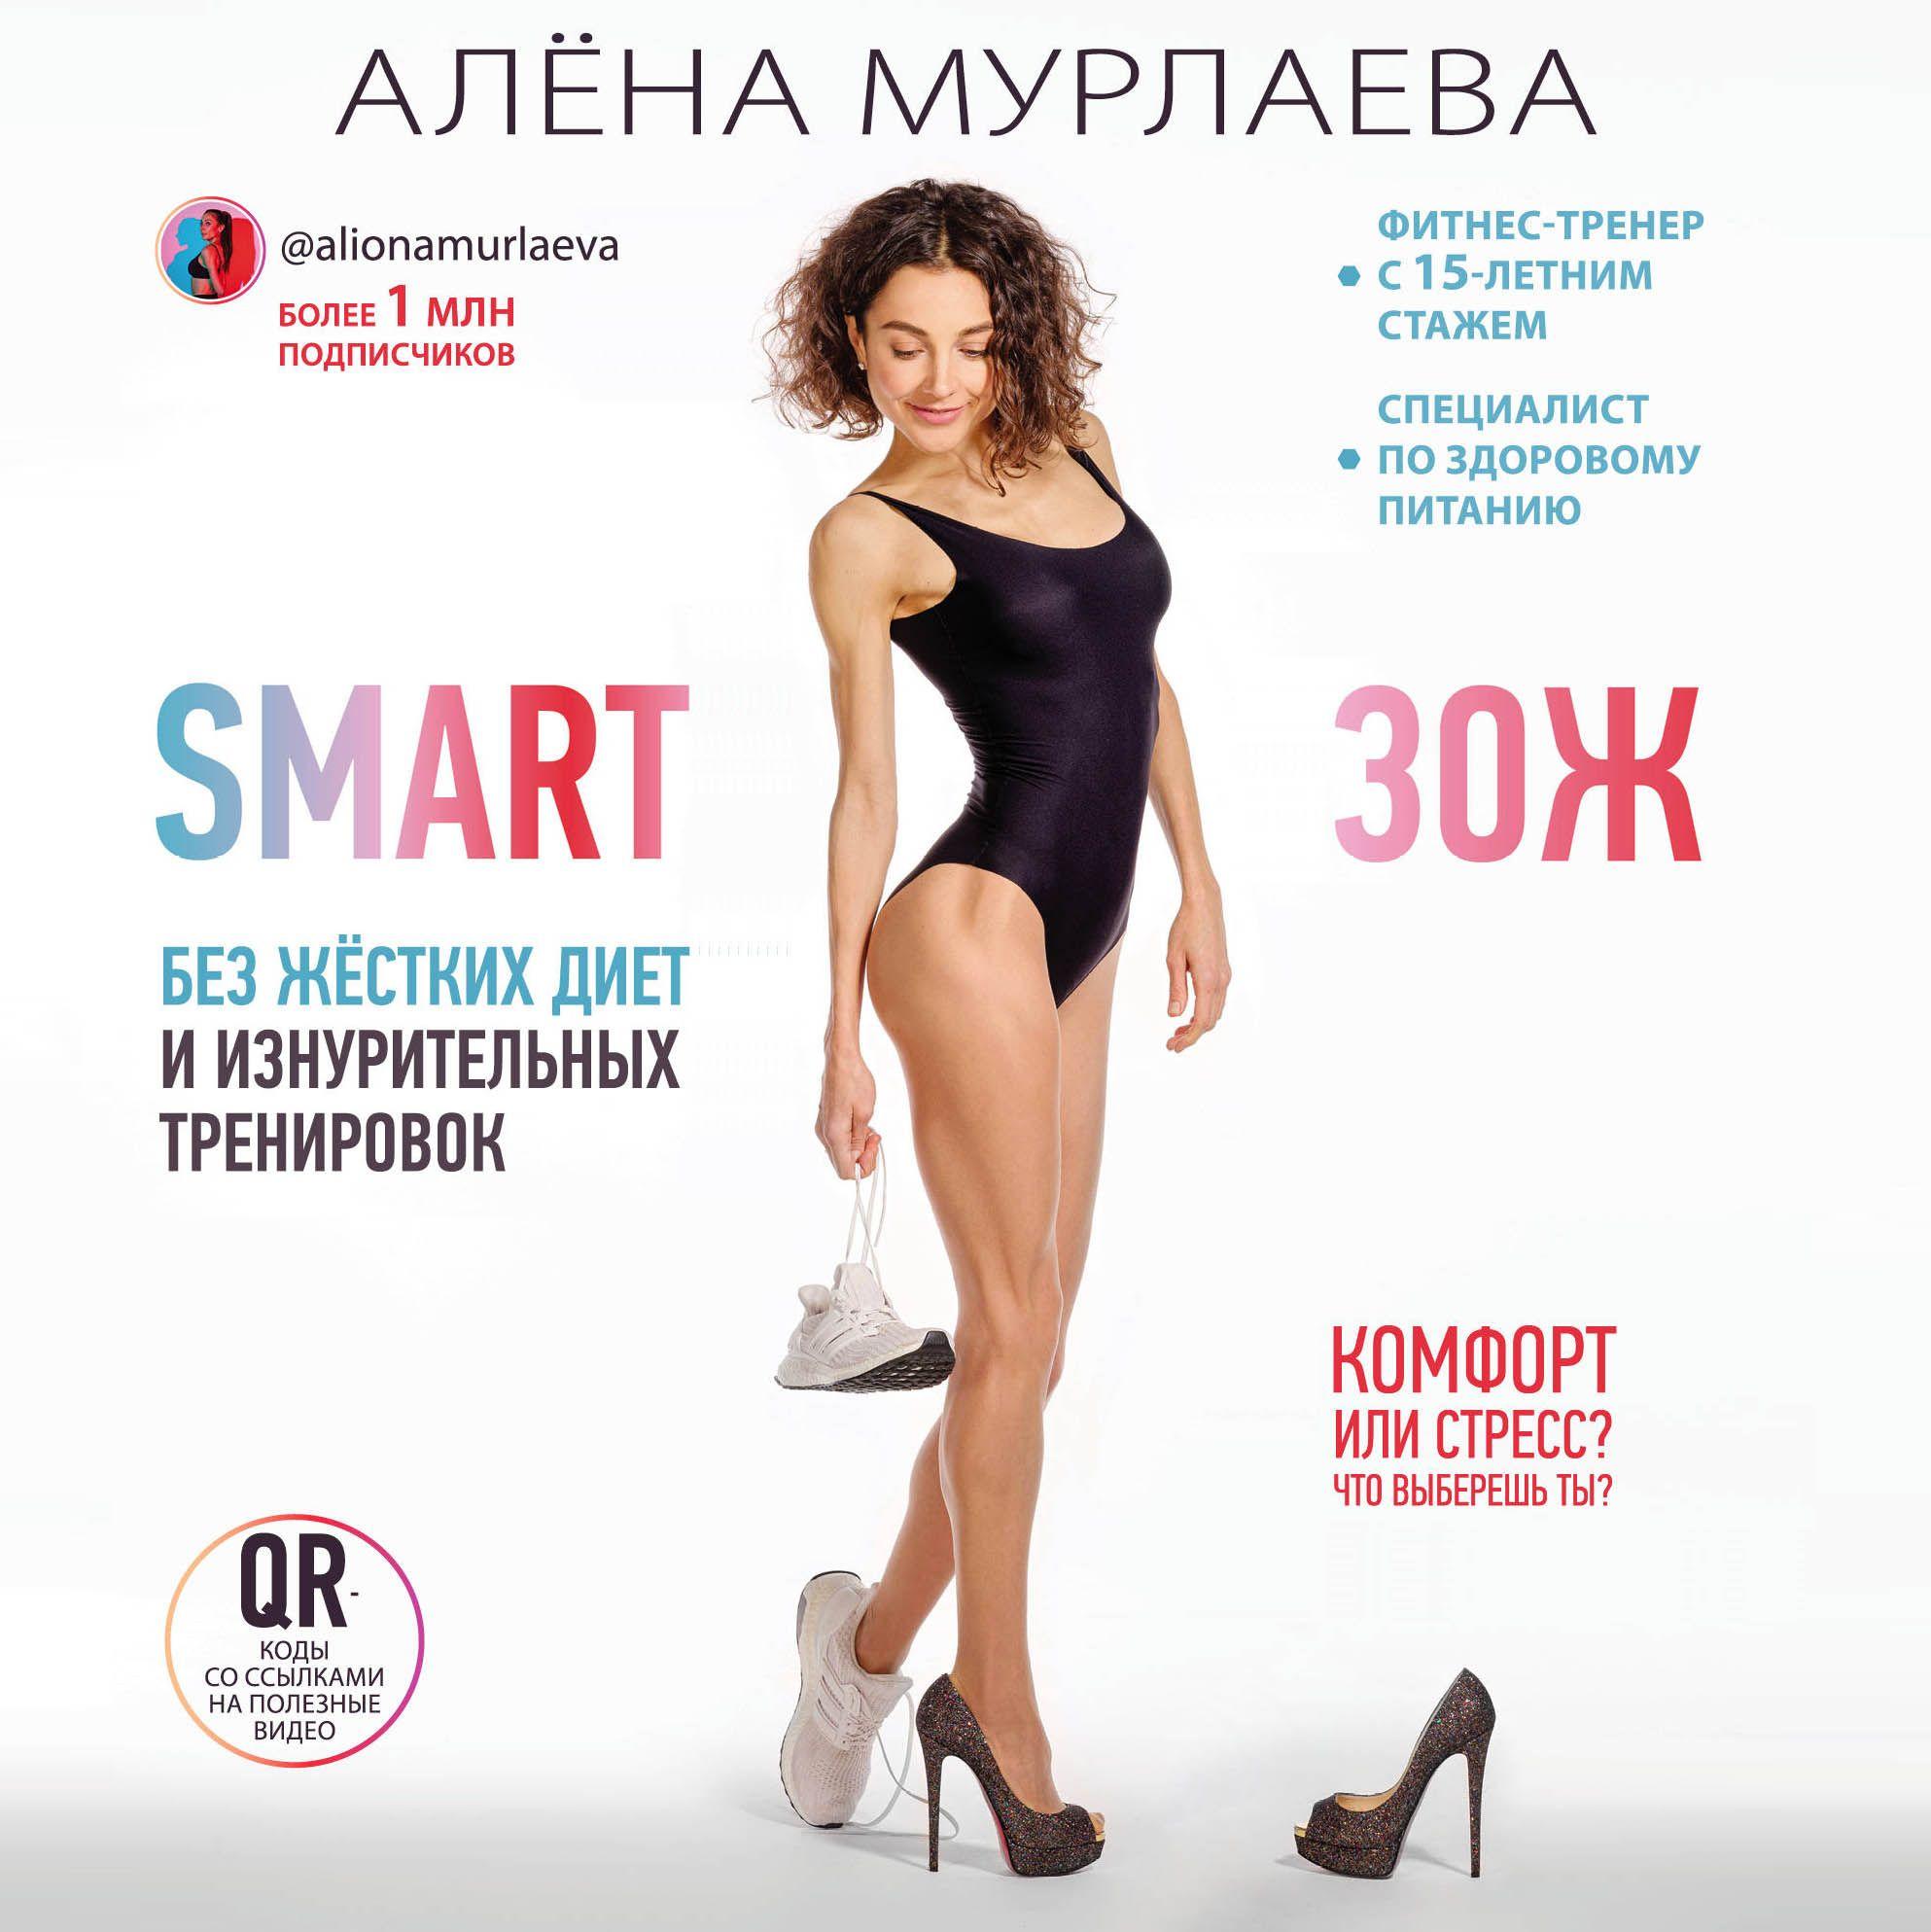 SMART ЗОЖ. Жизнь без жестких диет и изнурительных тренировок